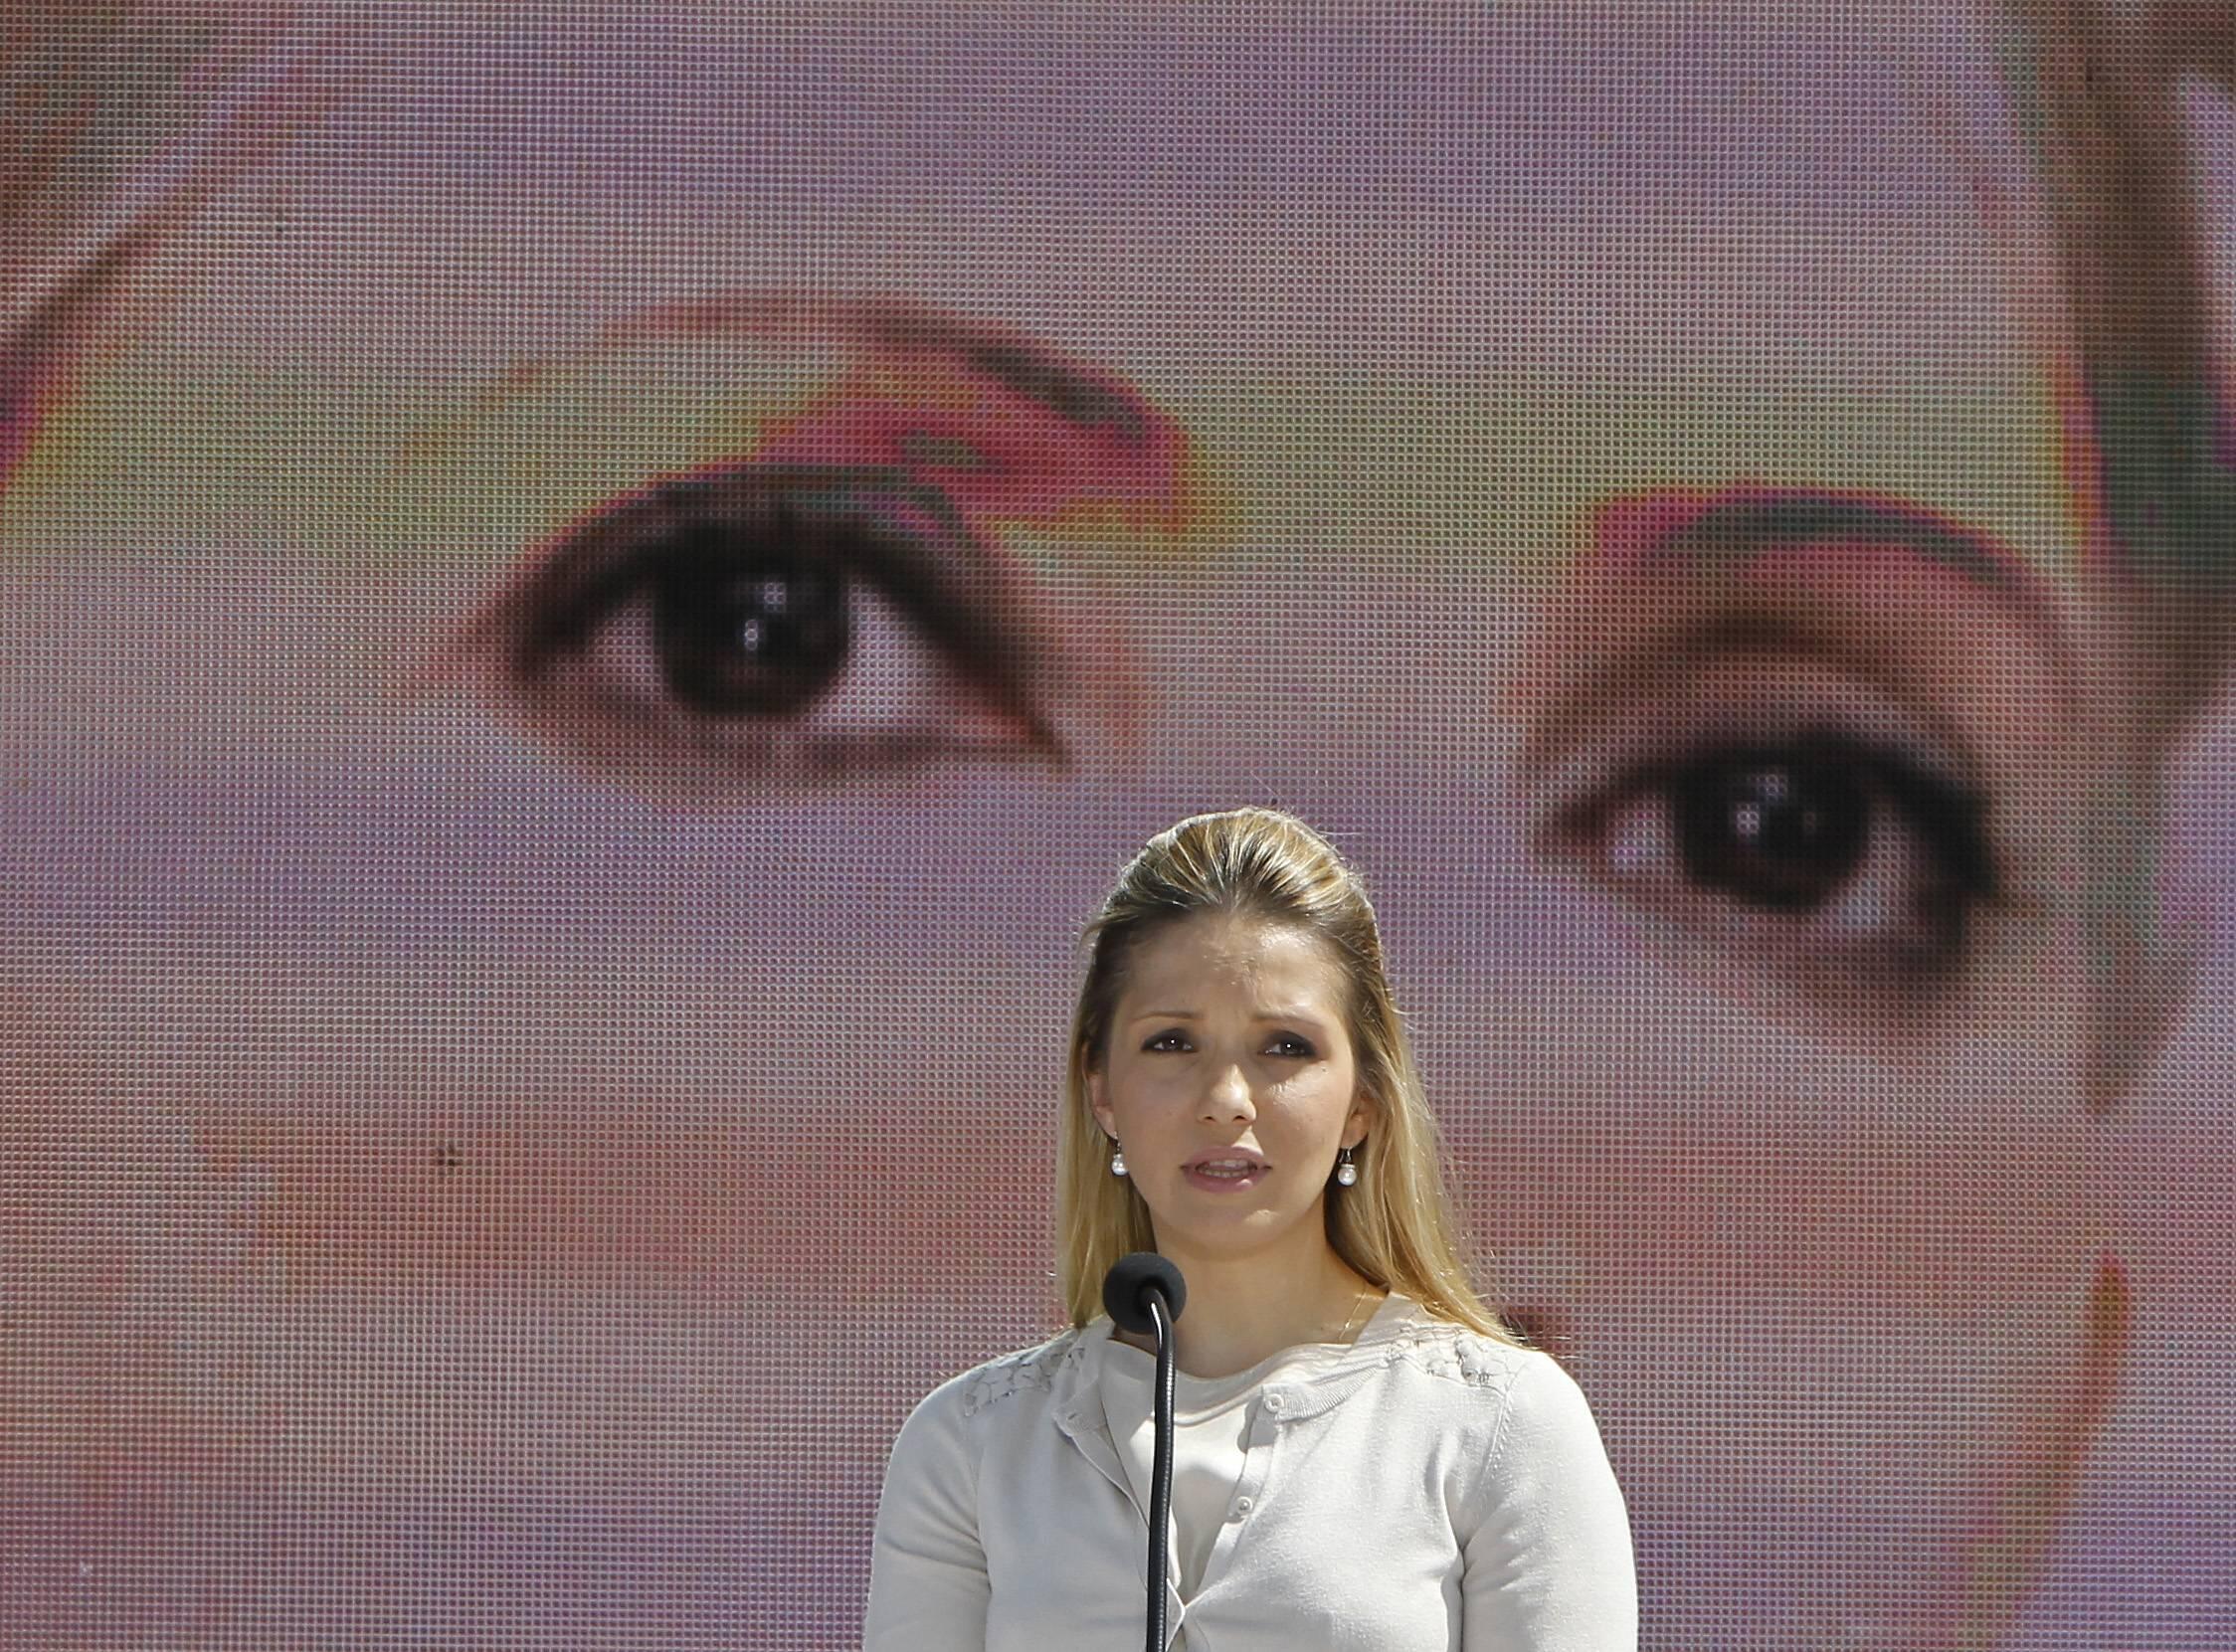 Евгения Тимошенко на форуме объединенной оппозиции в Киеве 12/05/2012